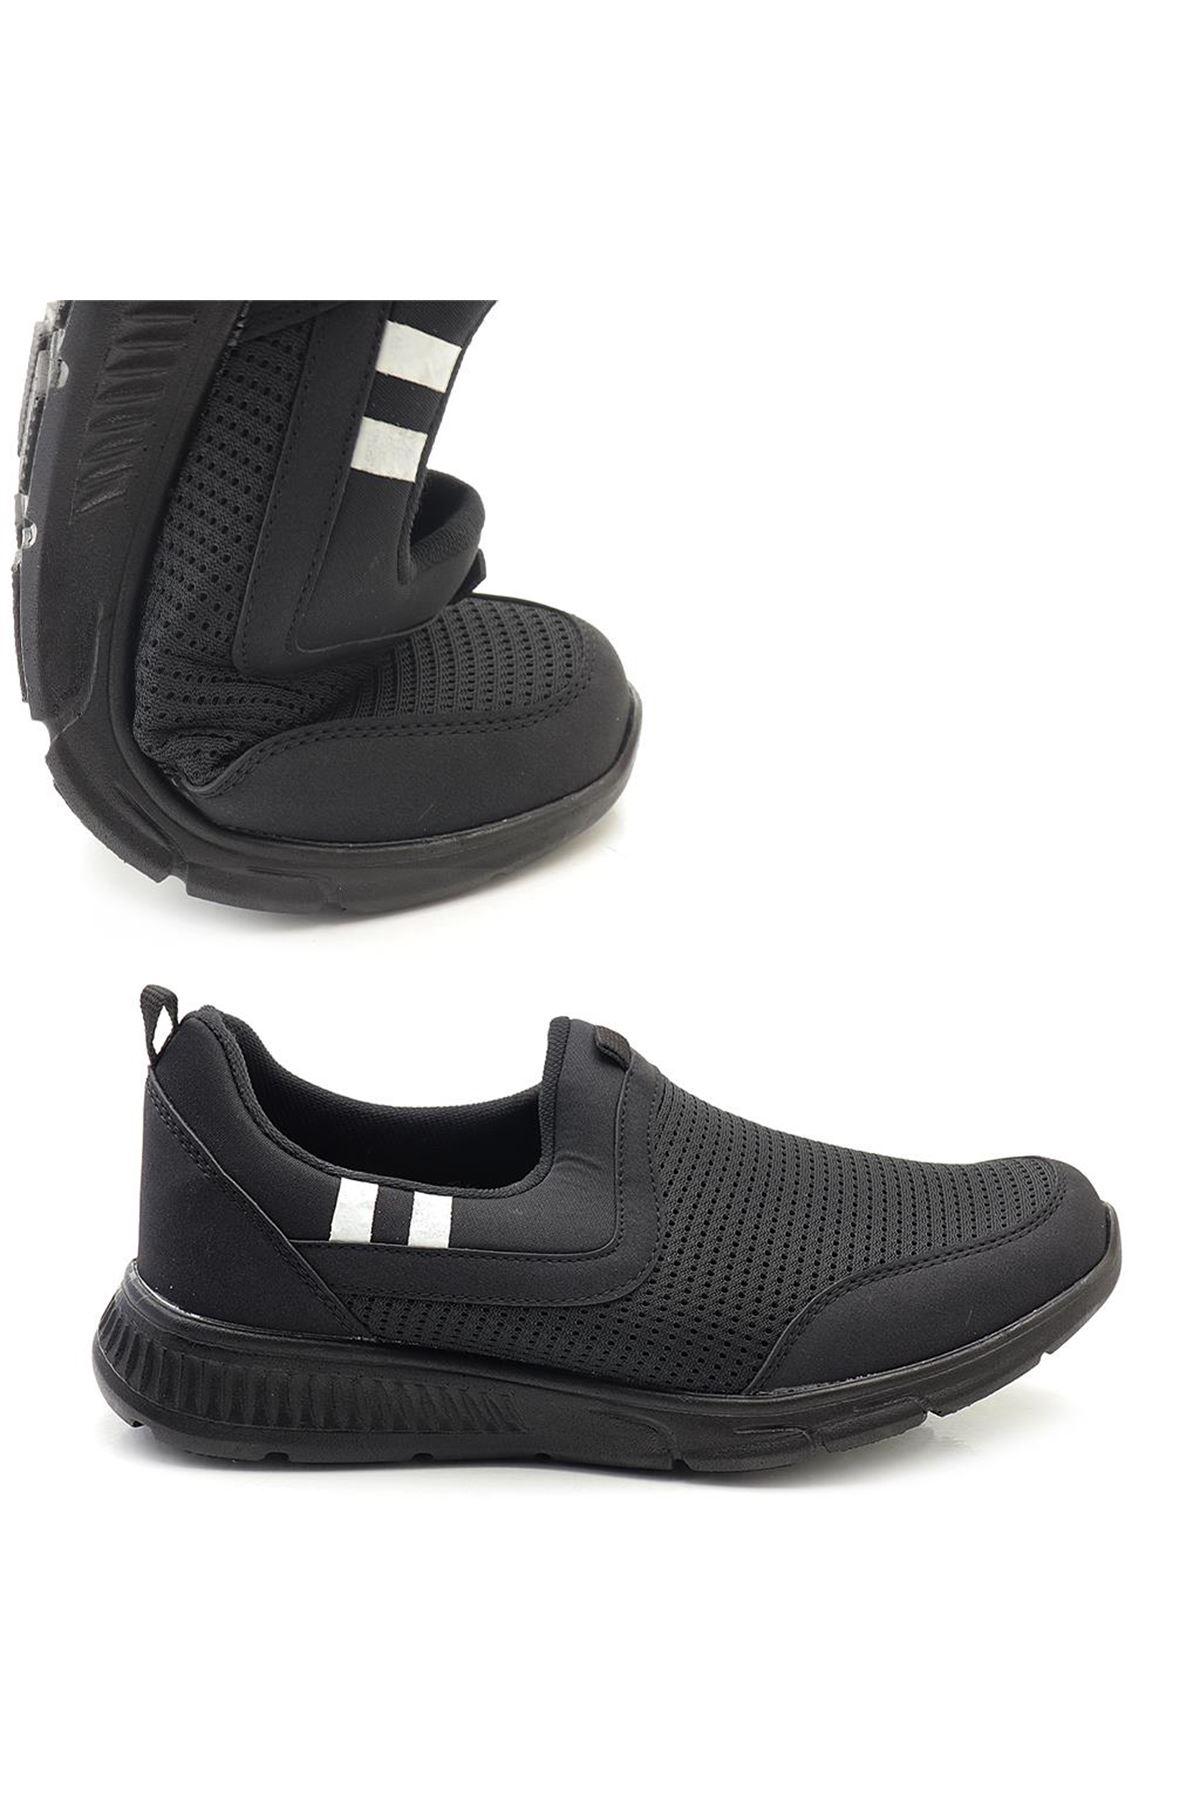 Plarium Anatomik Bağcıksız Erkek Spor Ayakkabı